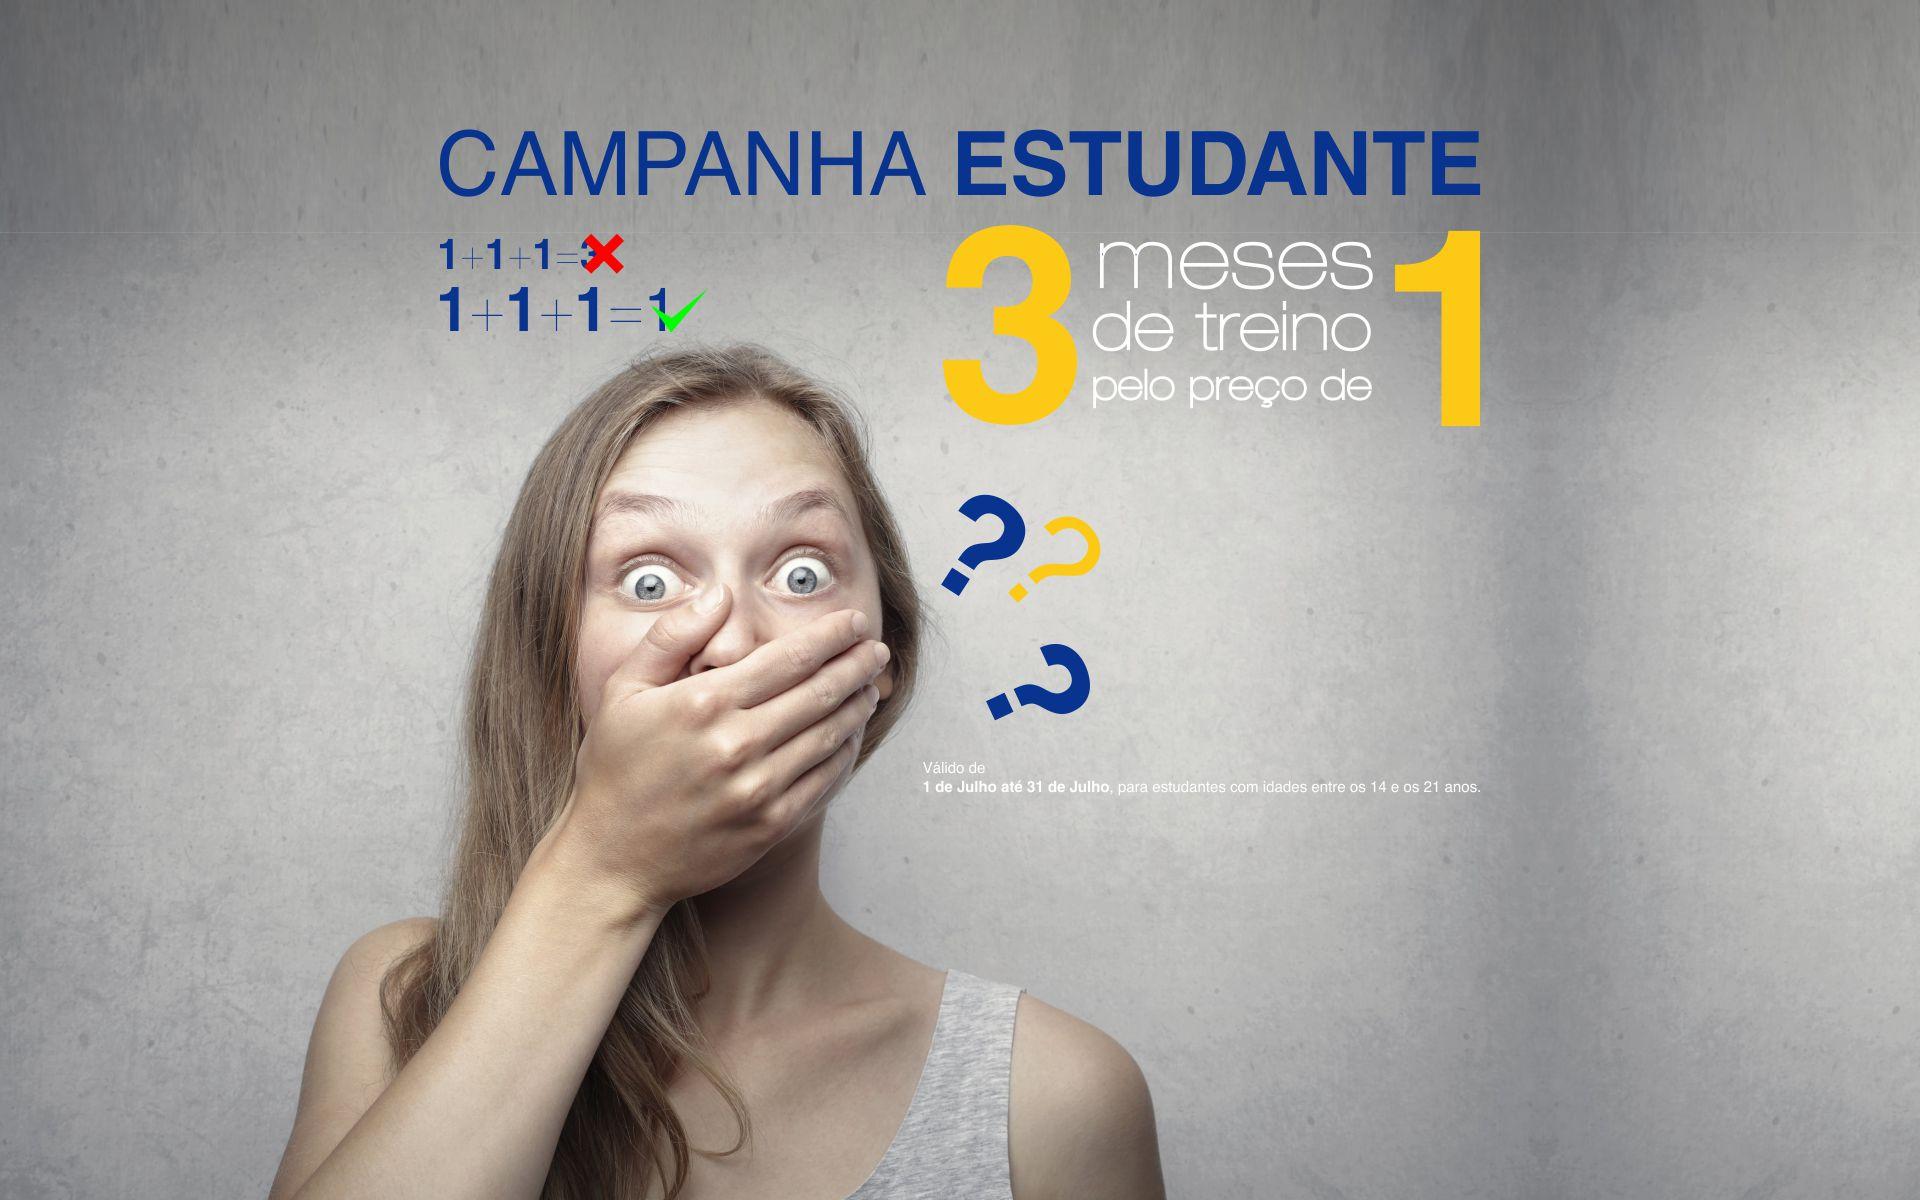 Campanha Estudante